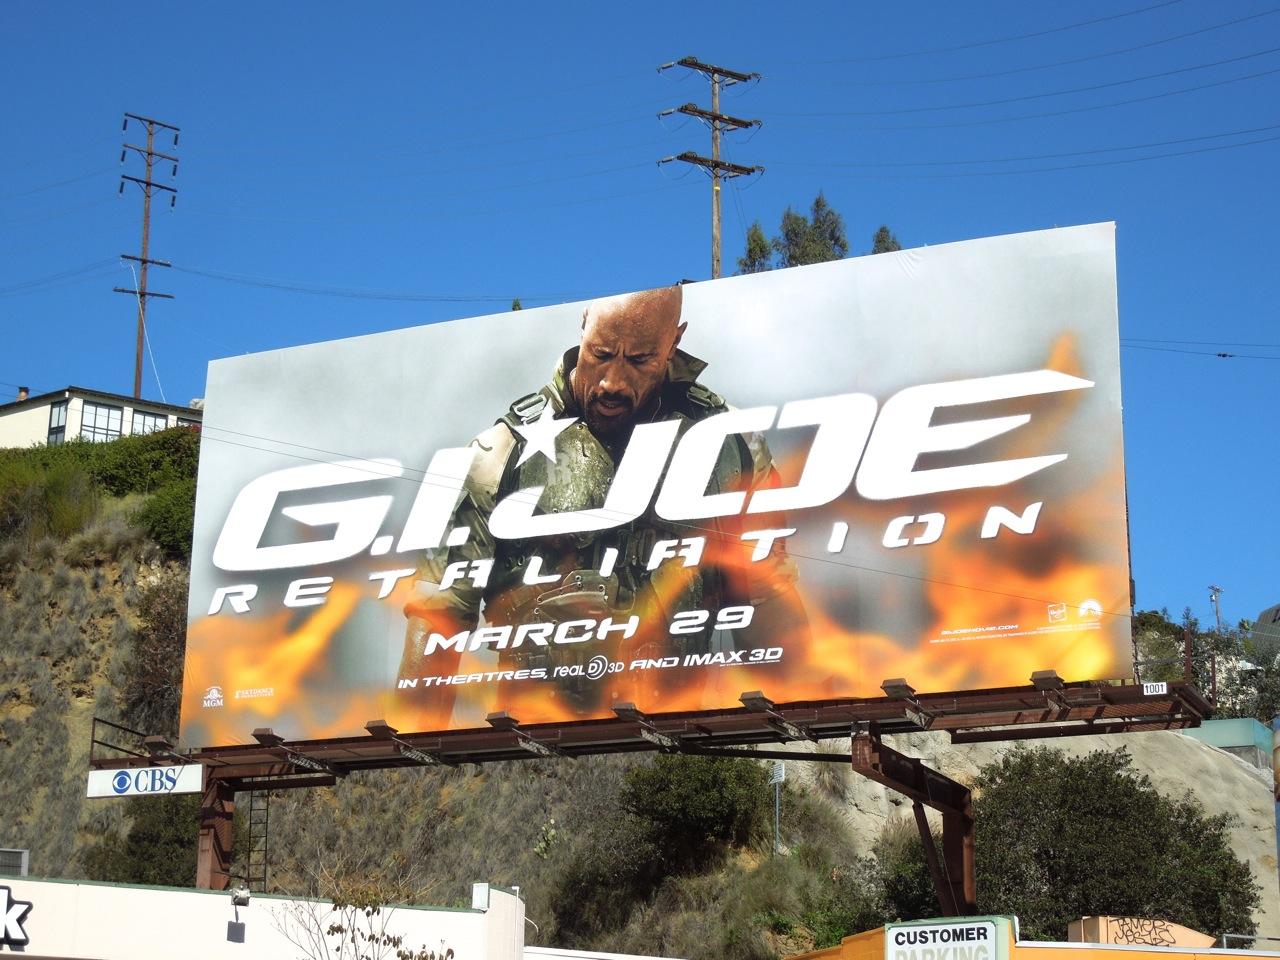 http://2.bp.blogspot.com/-LfKyesCJHLg/USV9EtaicpI/AAAAAAABBb0/5lv78Epcil8/s1600/GI+Joe+retaliation+Roadblock+billboard.jpg